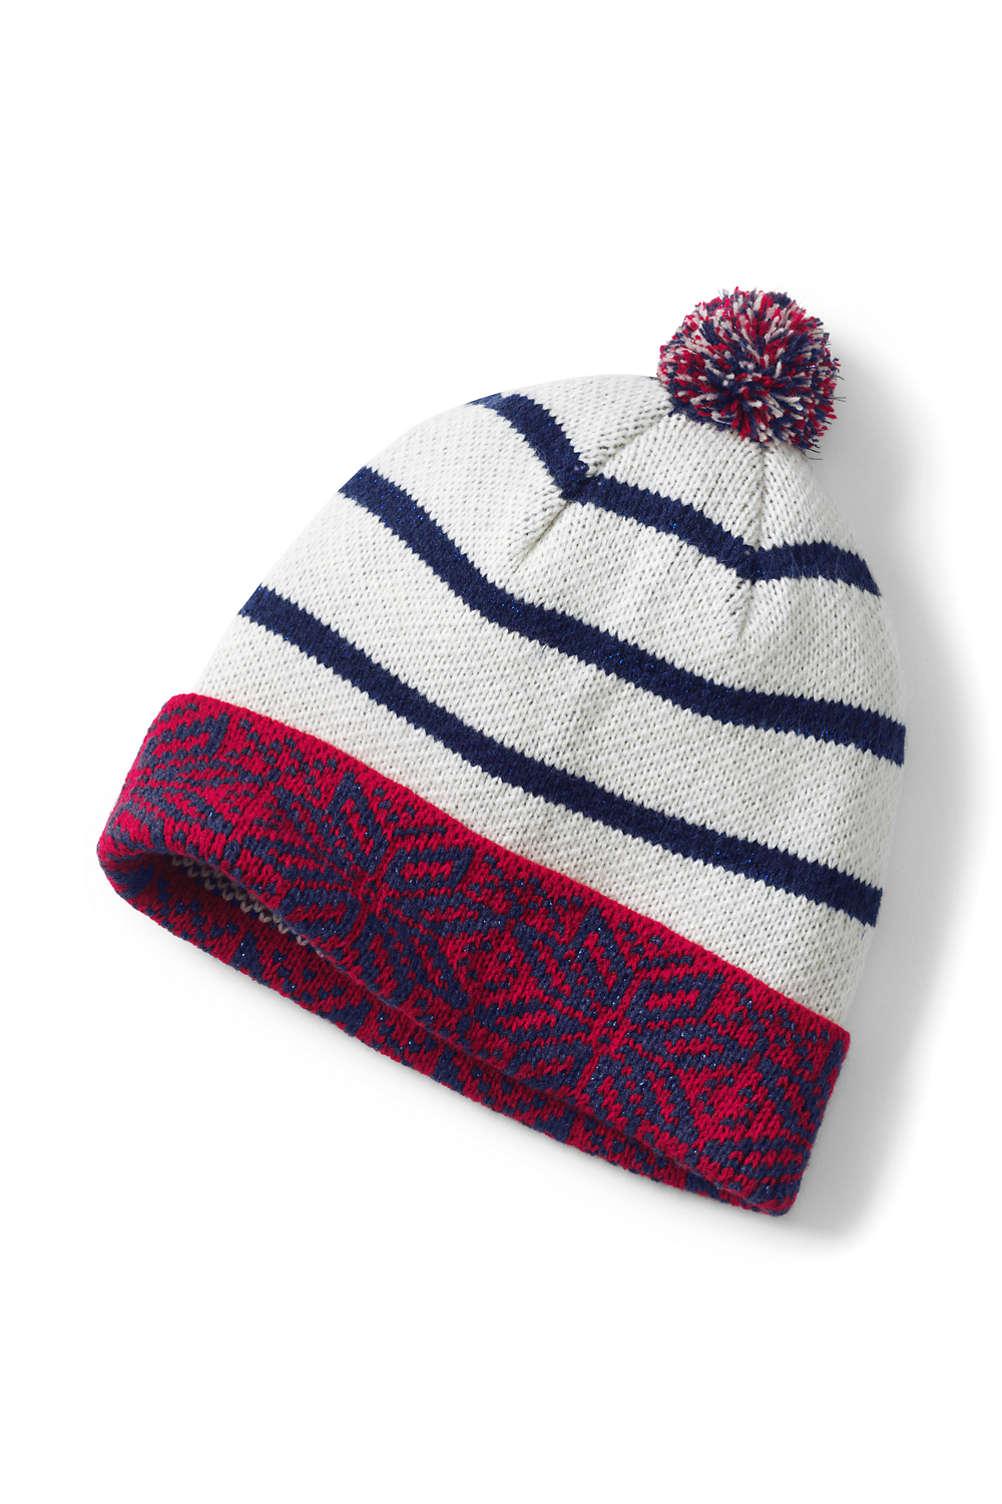 Women s Fair Isle Beanie Hat from Lands  End a0c445532b3